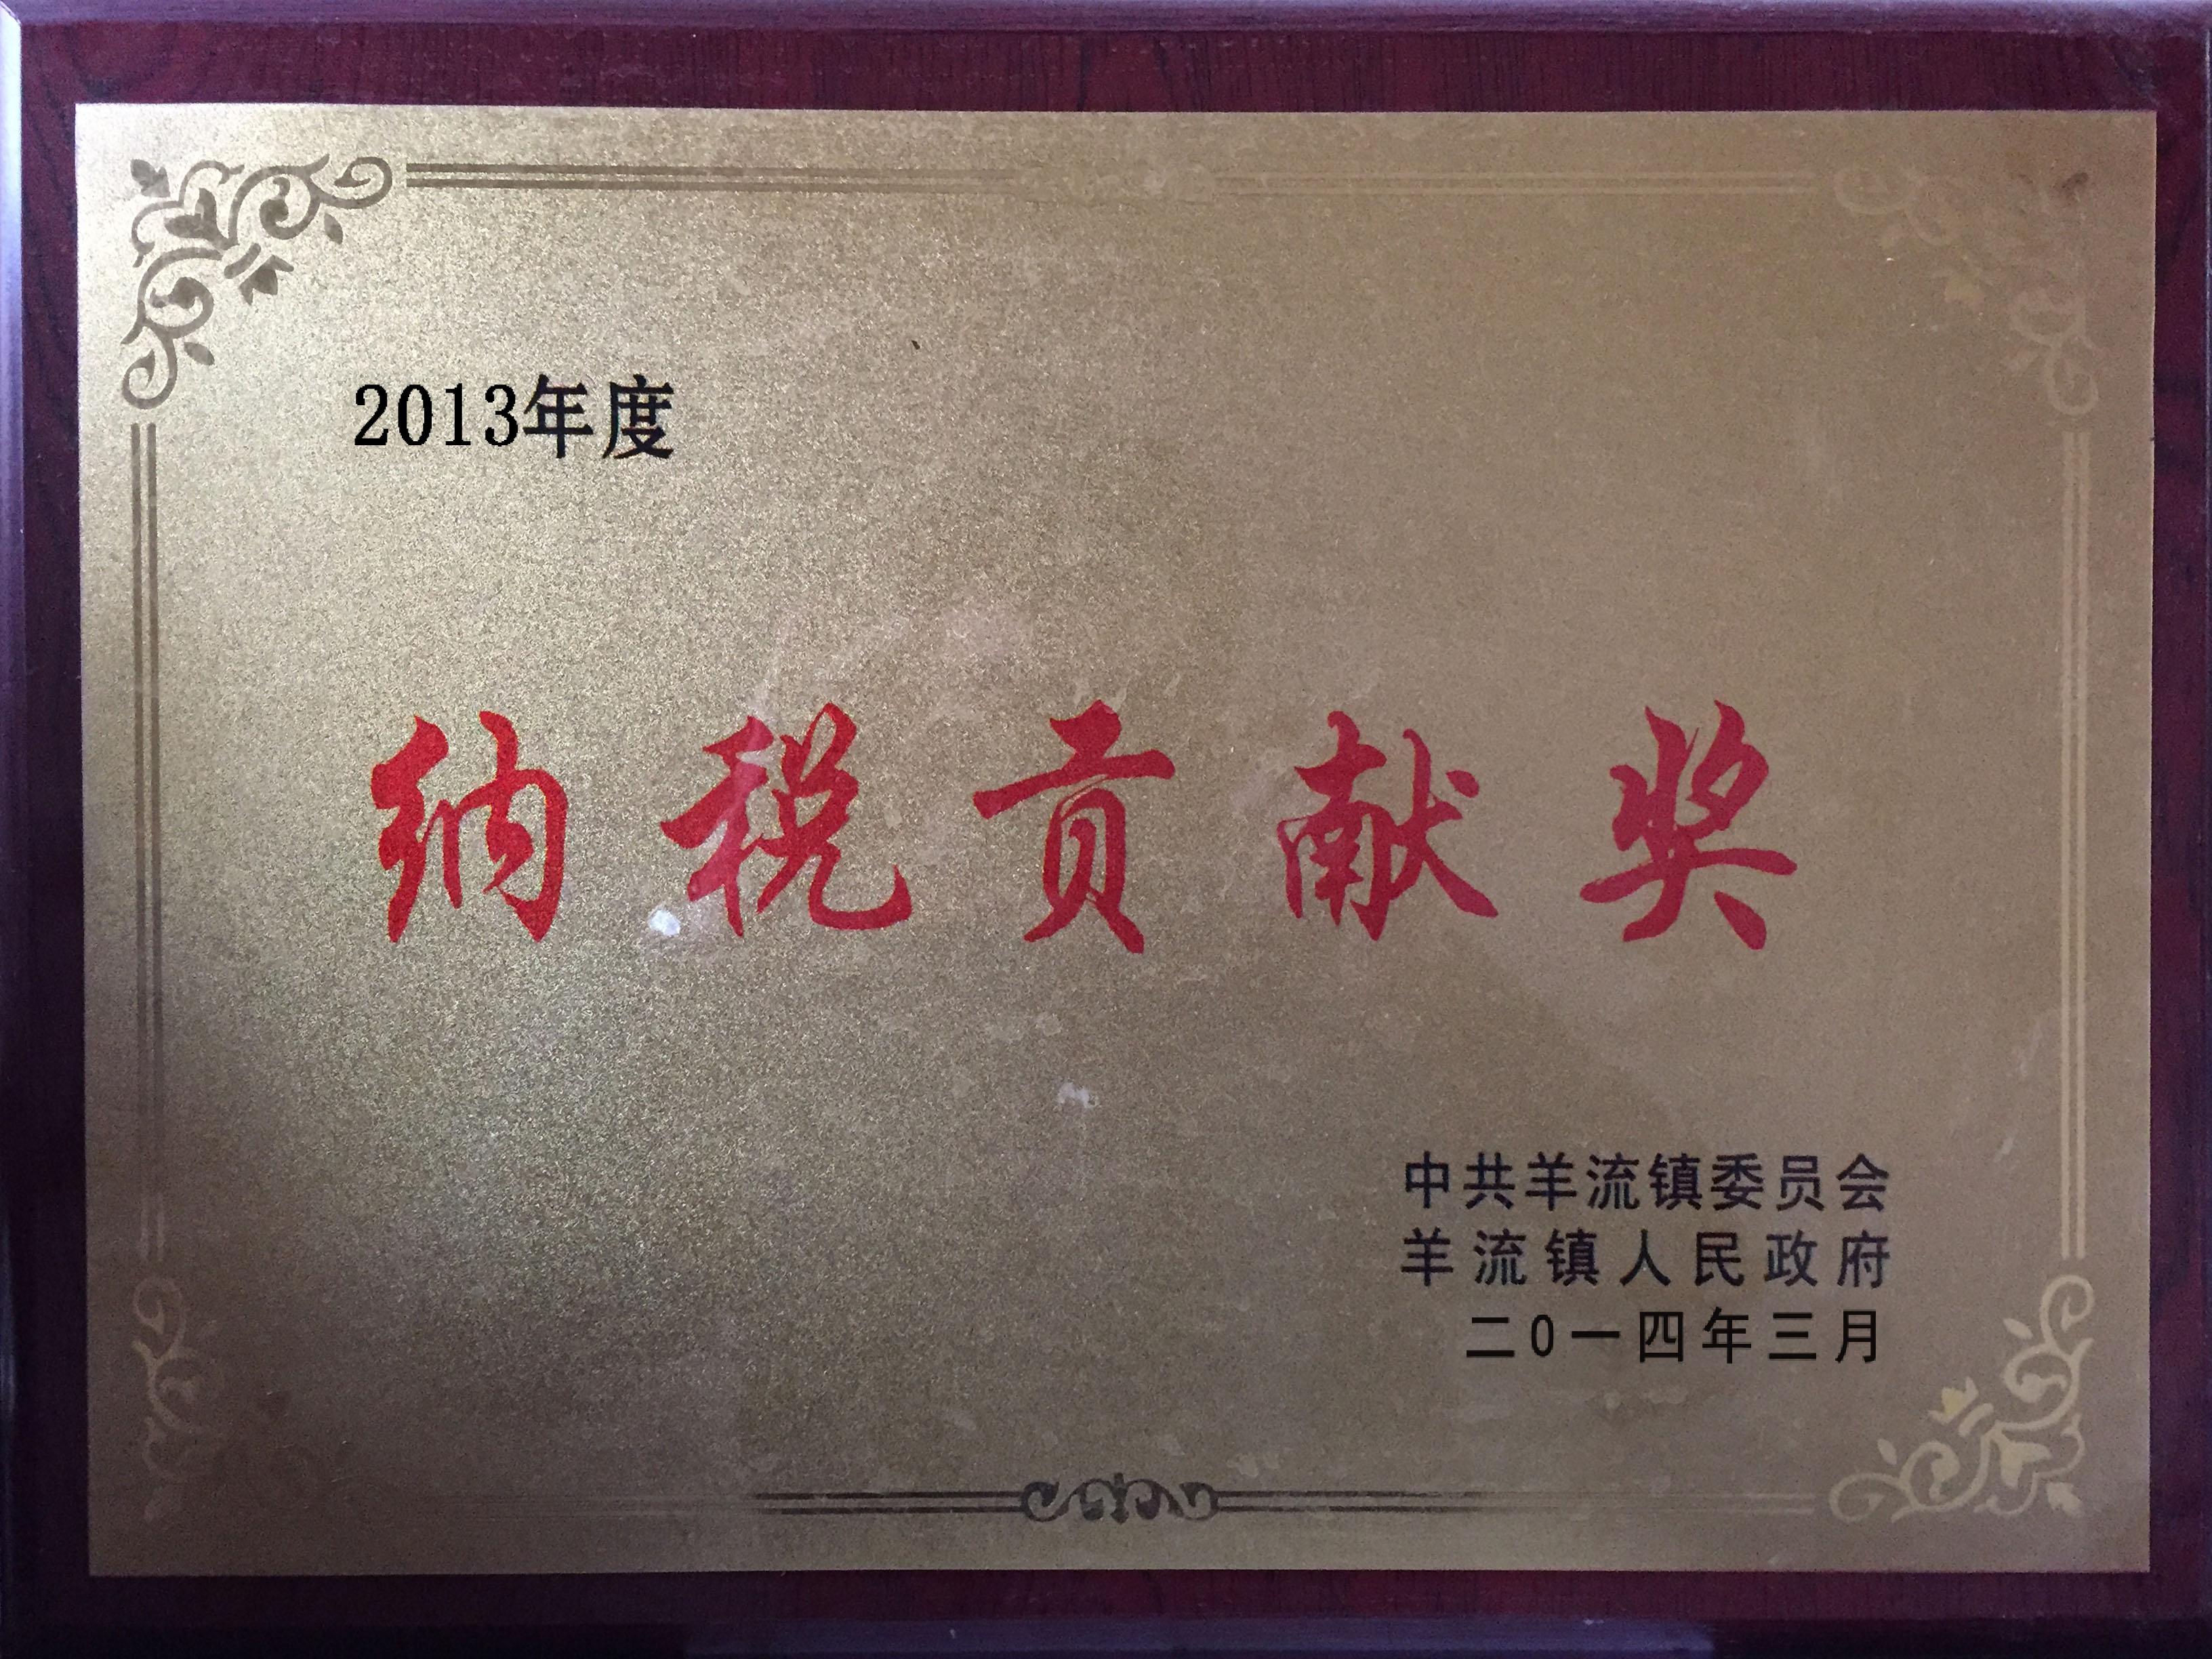 2013年纳税贡献奖.jpg